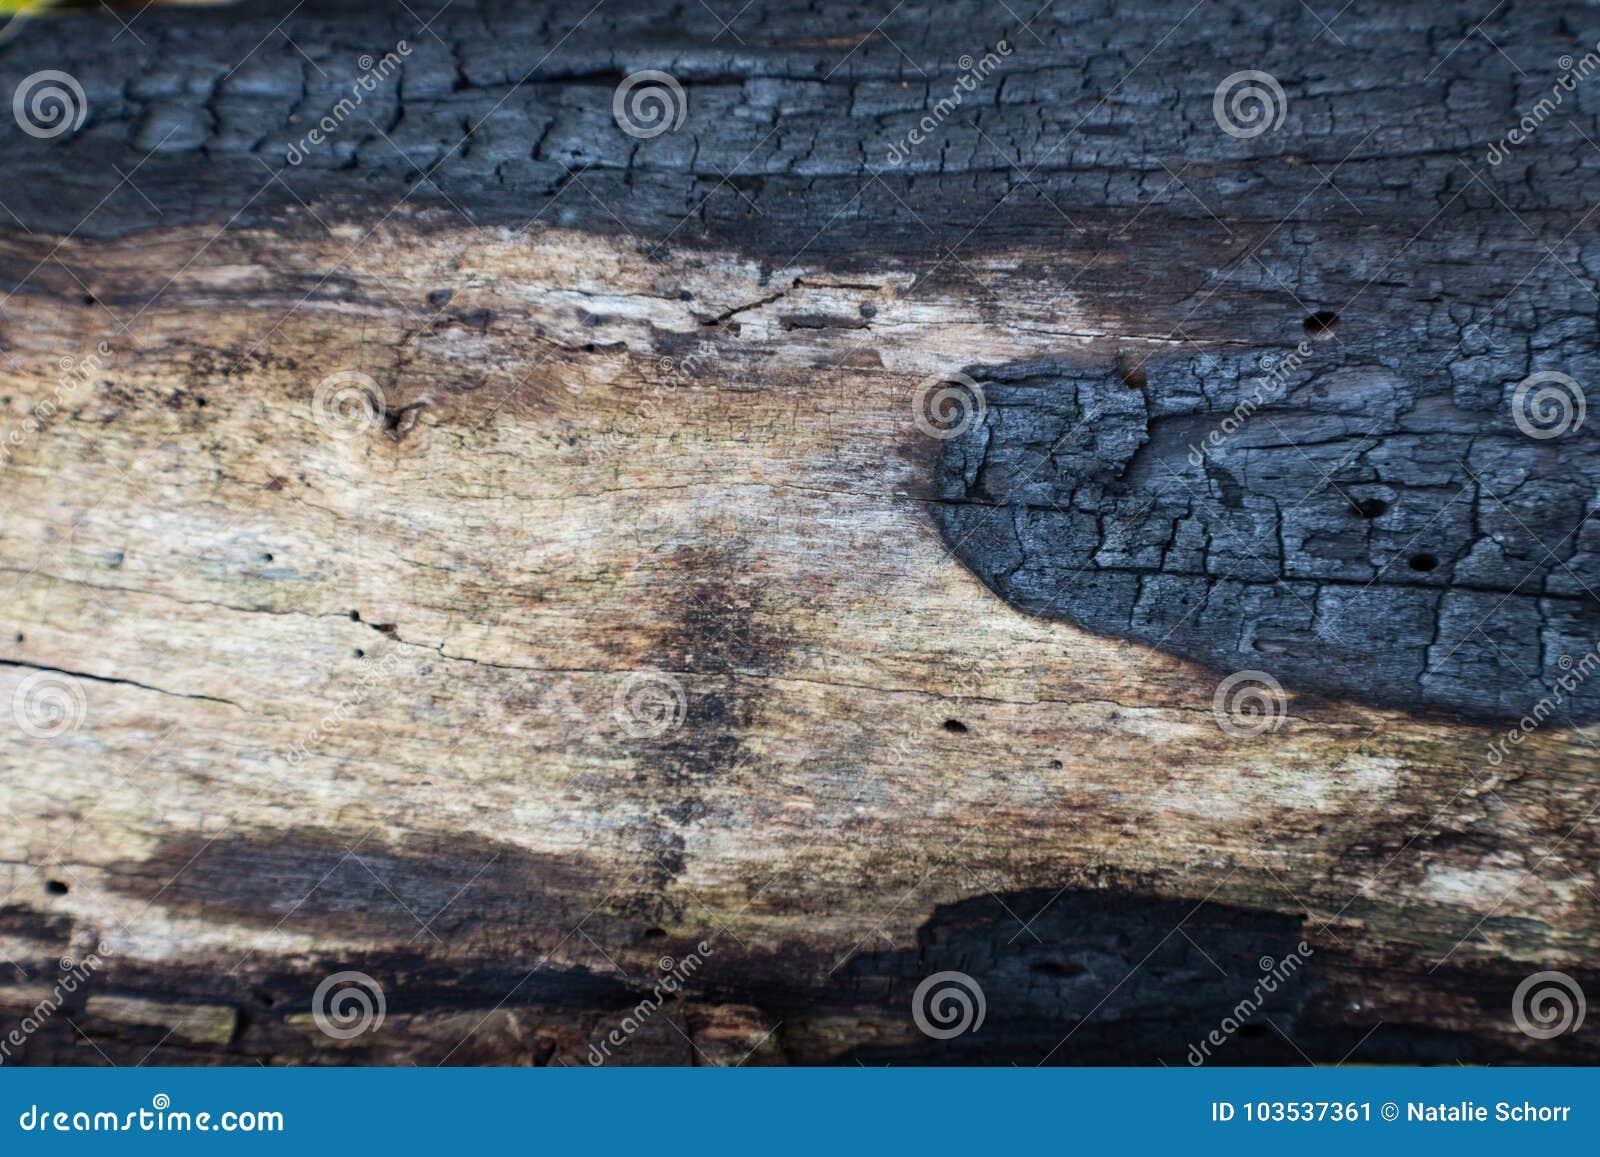 De verkoolde achtergrond van het logboekdetail die door een bosbrand zwart wordt gemaakt